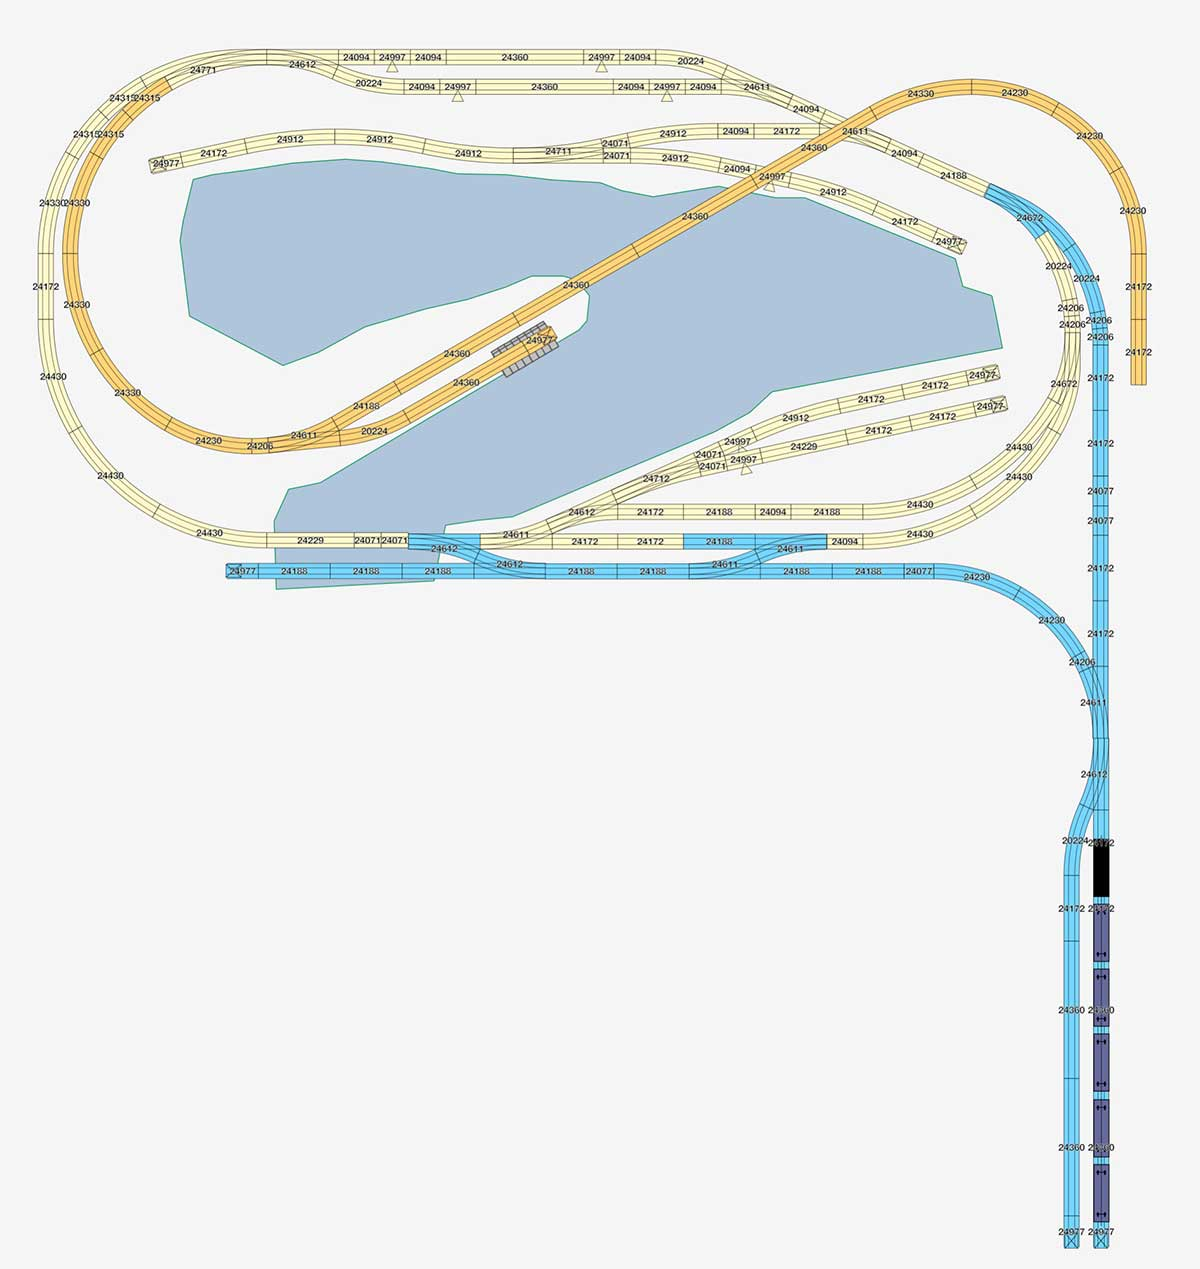 Ebene 0 des H0 Gleisplan: Kleiner Fracht- und Fischereihafen Version mit Gleisdreieck zum Wenden